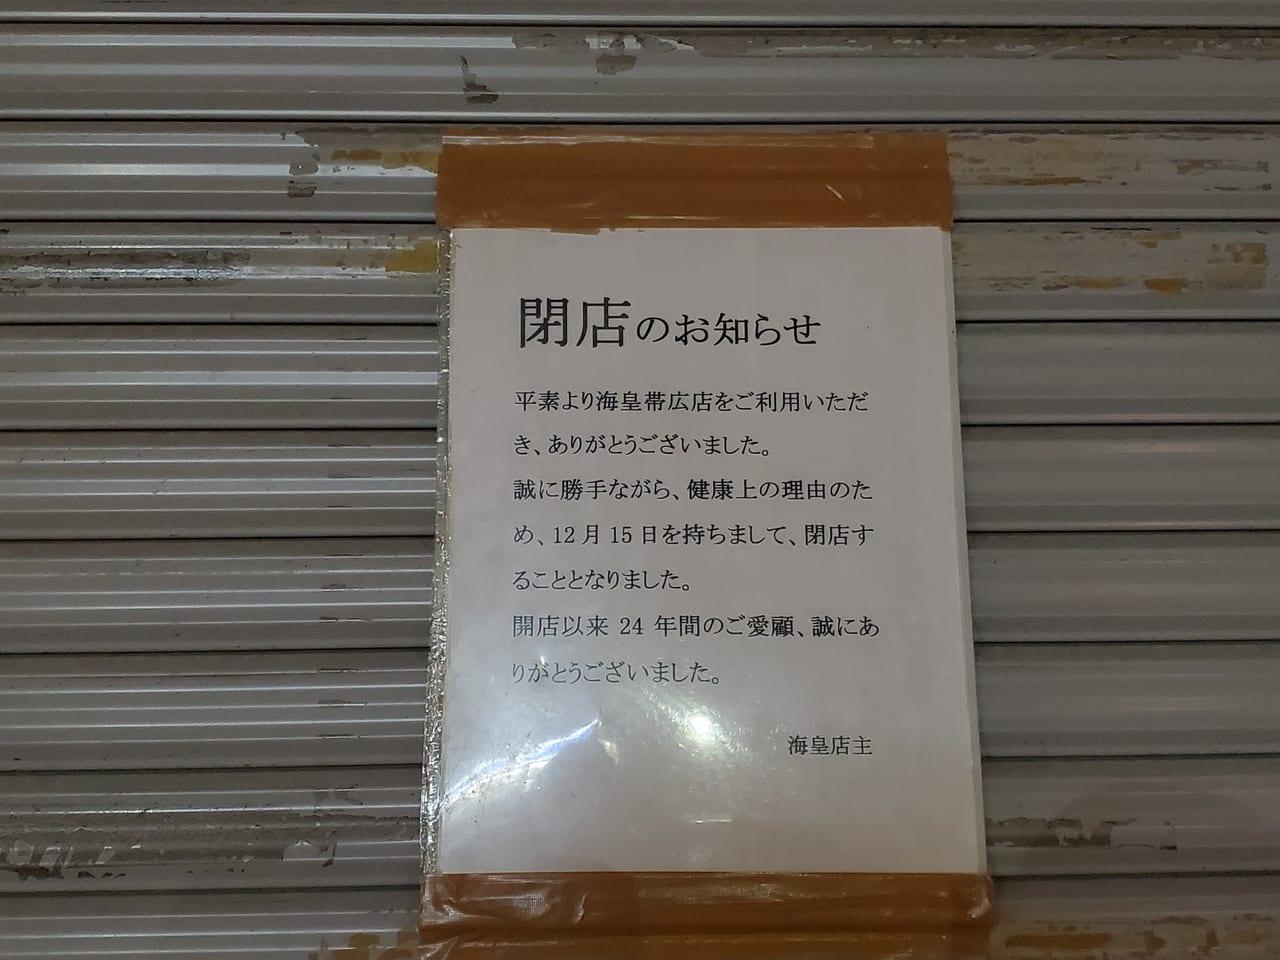 十勝 帯広 海皇 閉店 張り紙